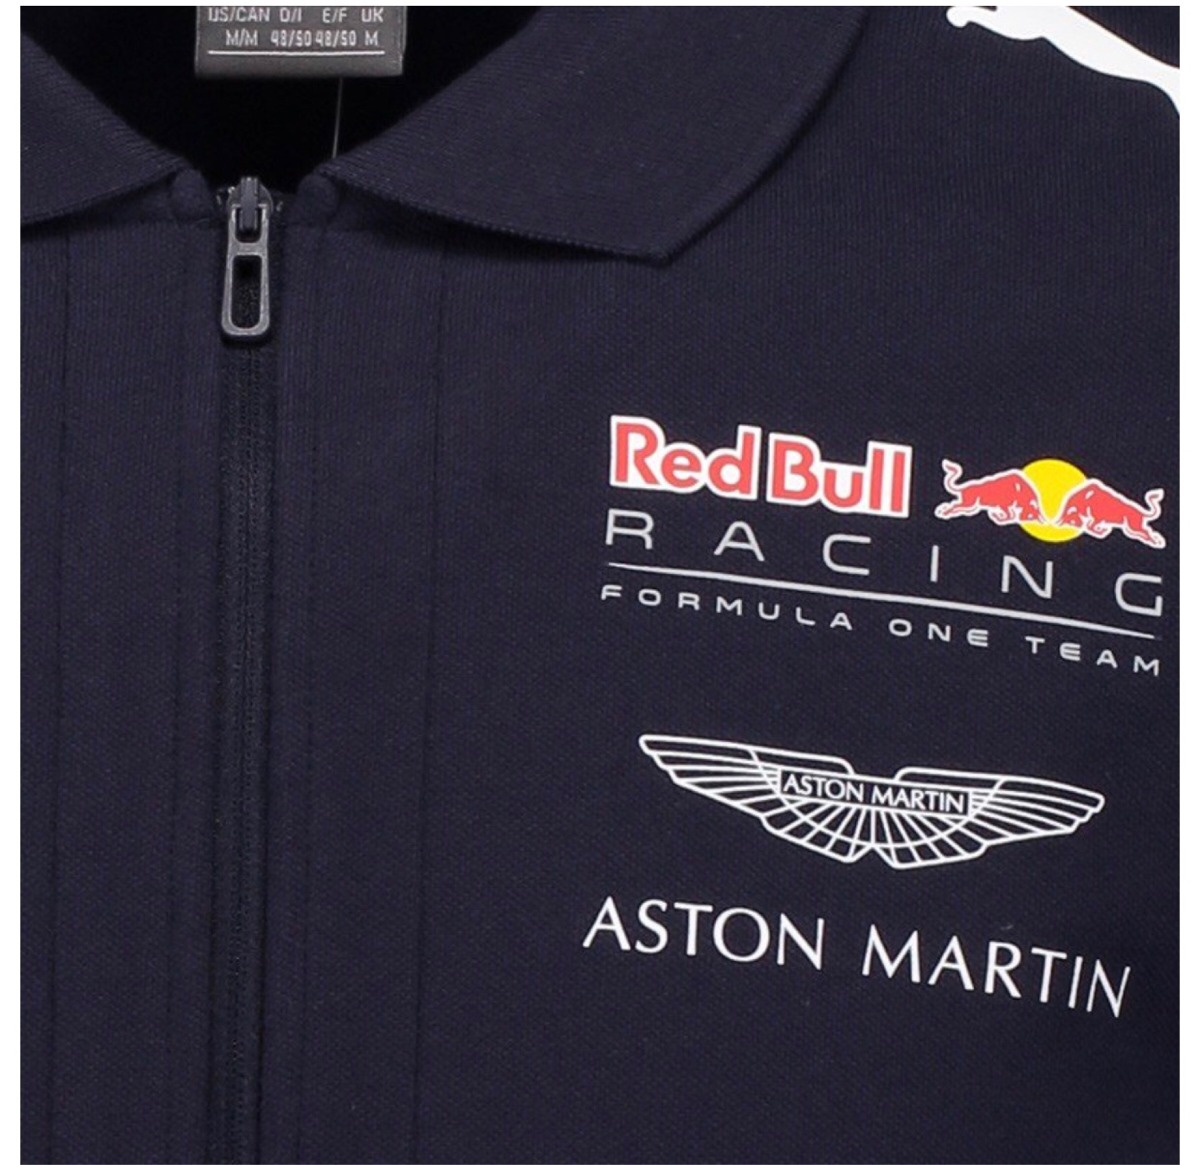 camiseta polo puma red bull racing team - original - masc. Carregando zoom. 7e3d0a7886879